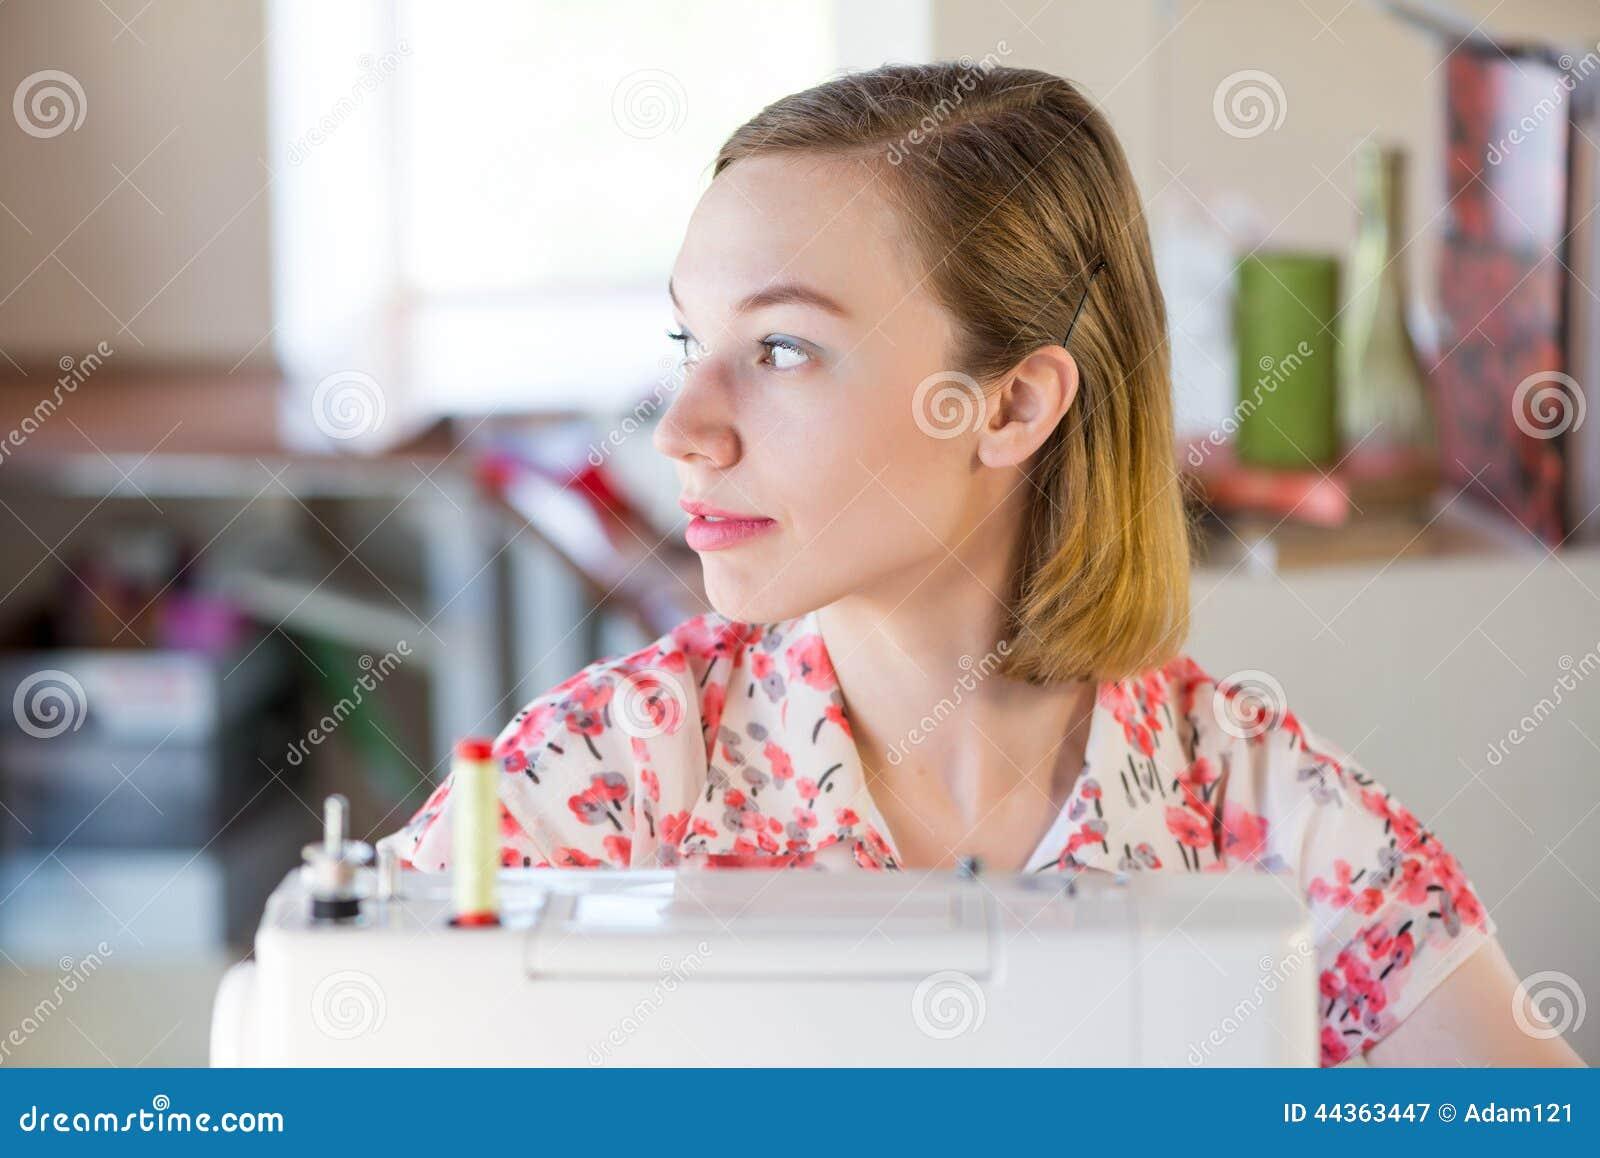 Cucitrice sul lavoro